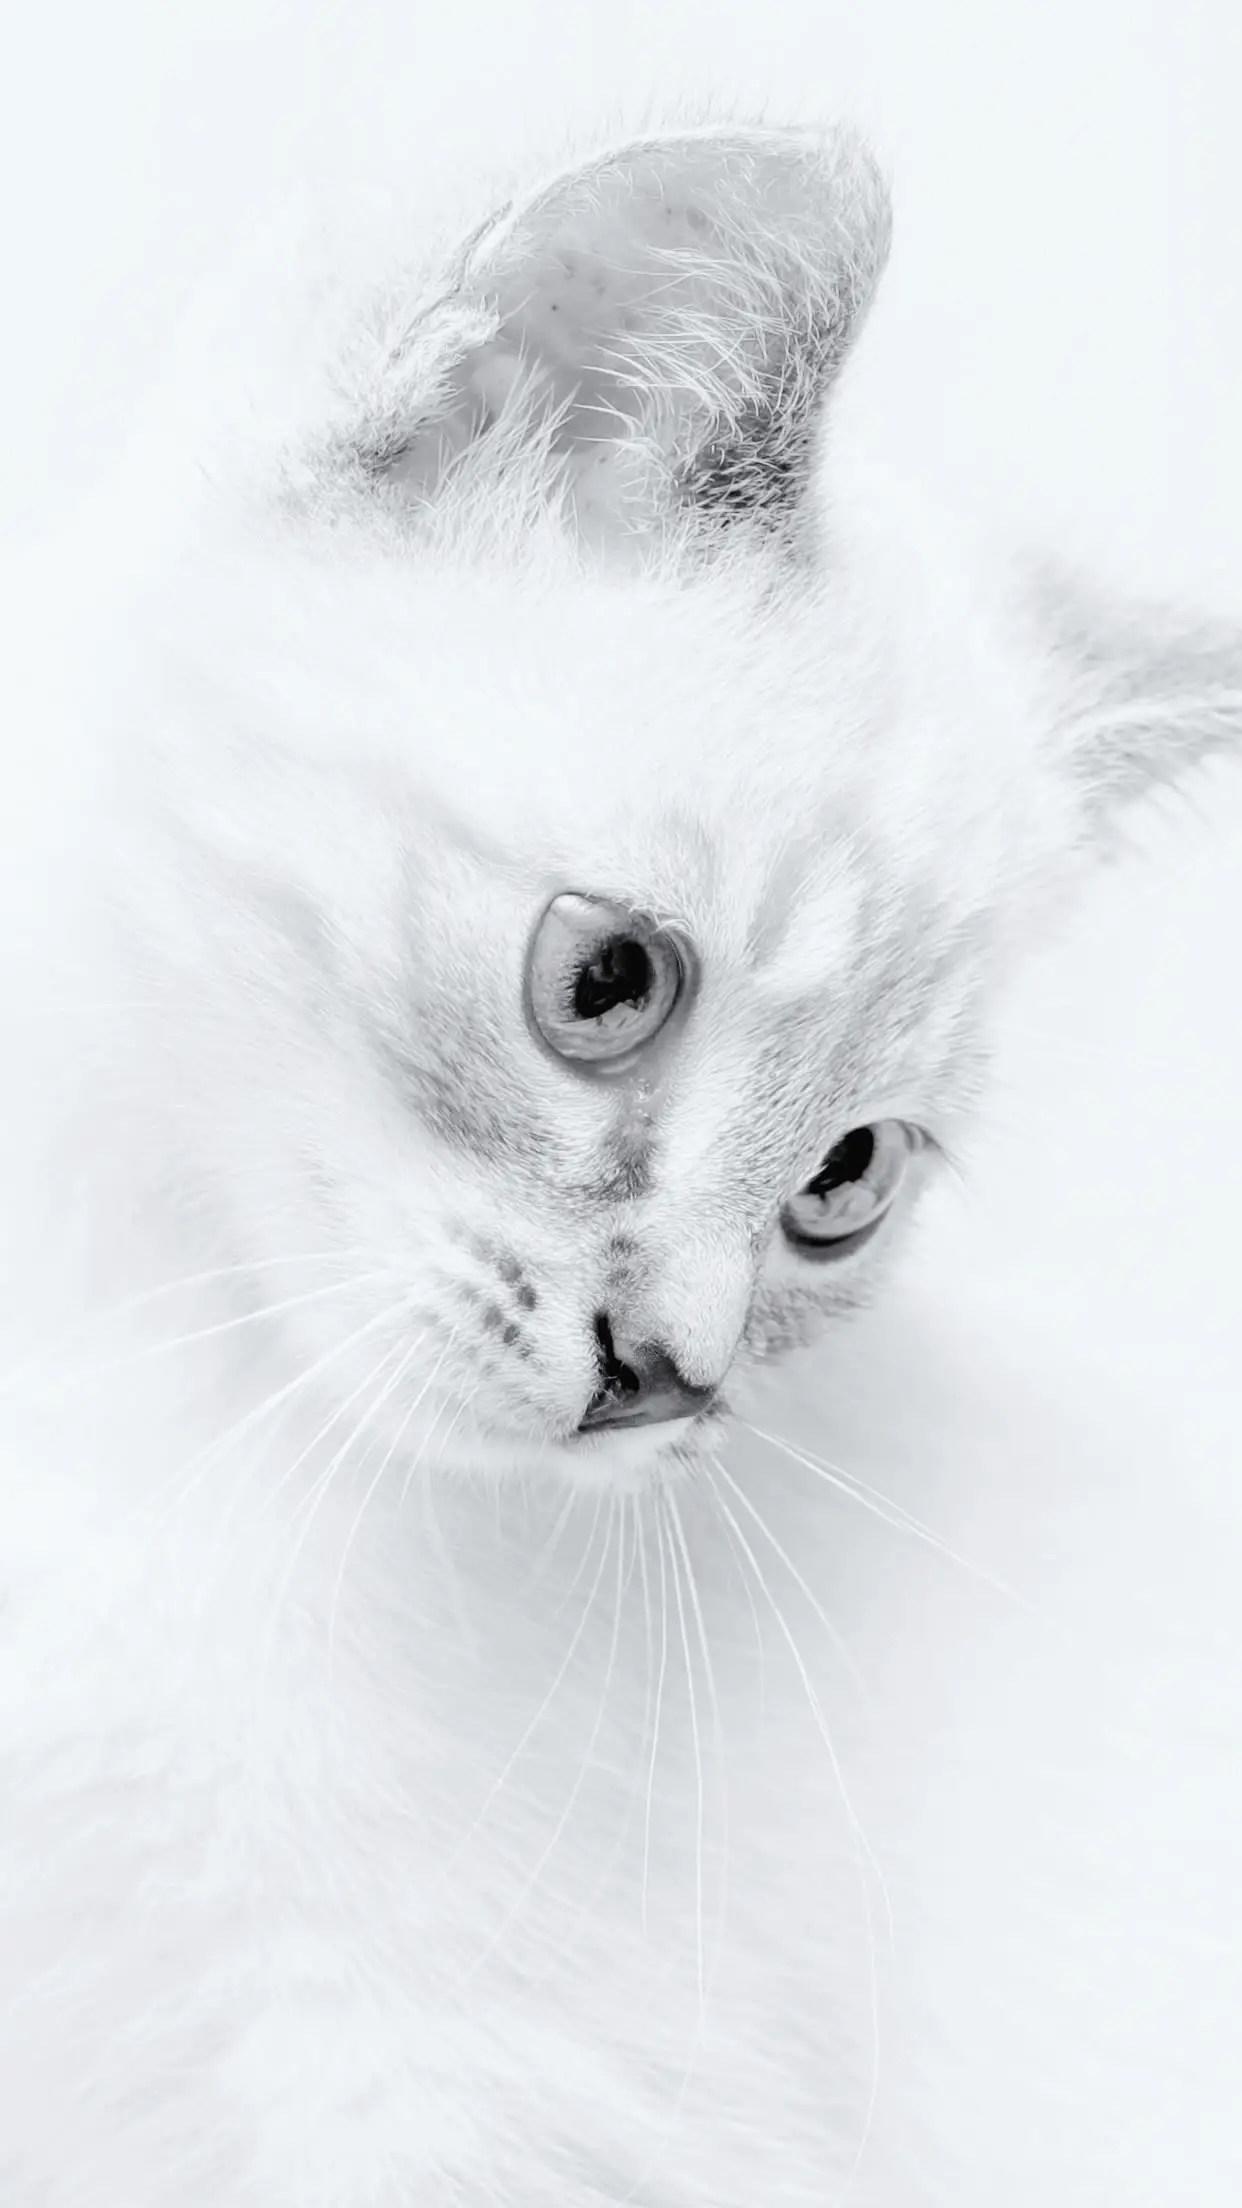 un magnifique chat blanc au visage